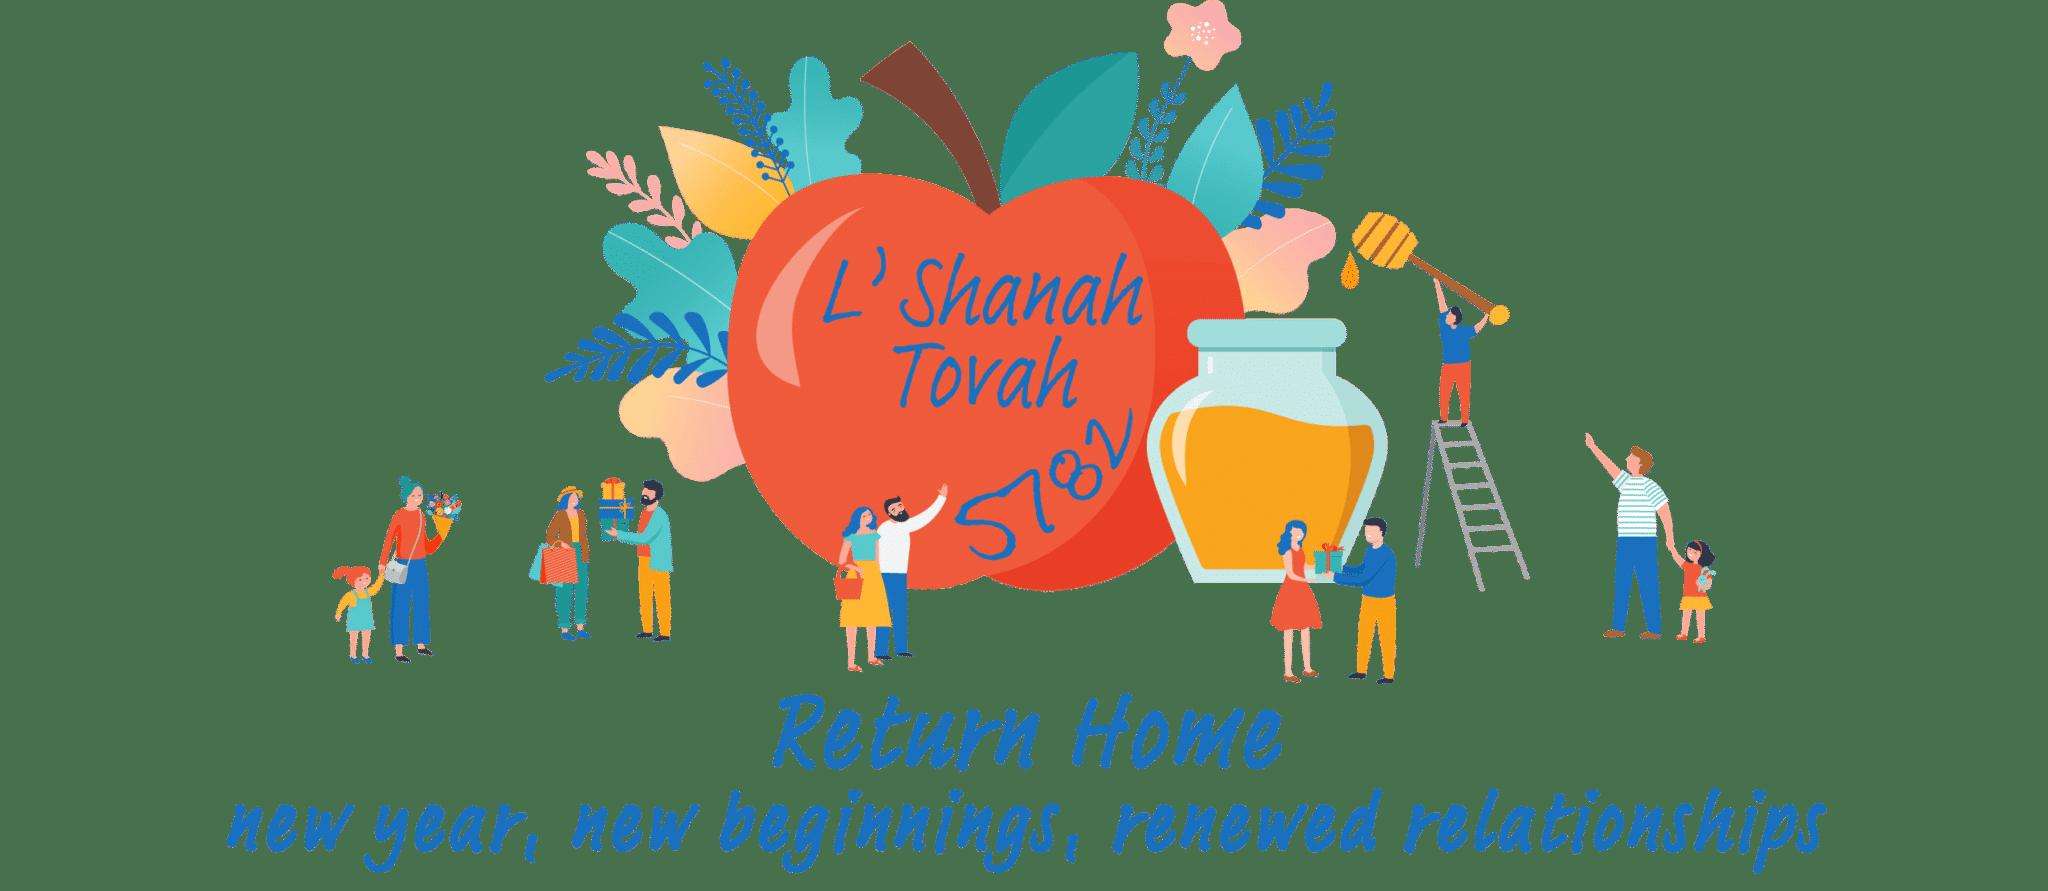 Lshanah Tovah 5782 Illustration 1(1)